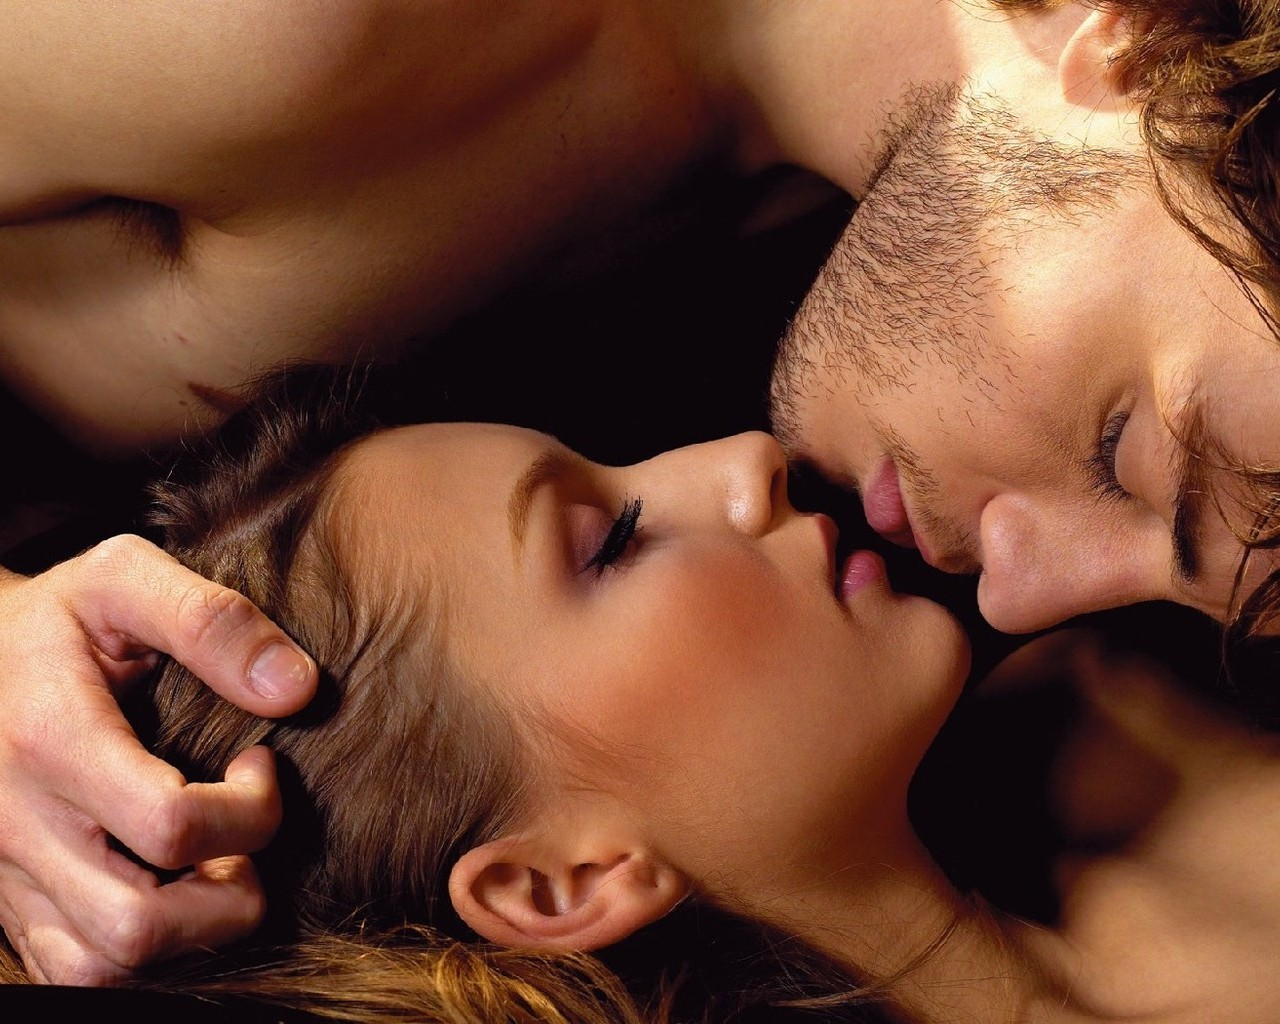 Сексуальный поцилунок фото 7 фотография